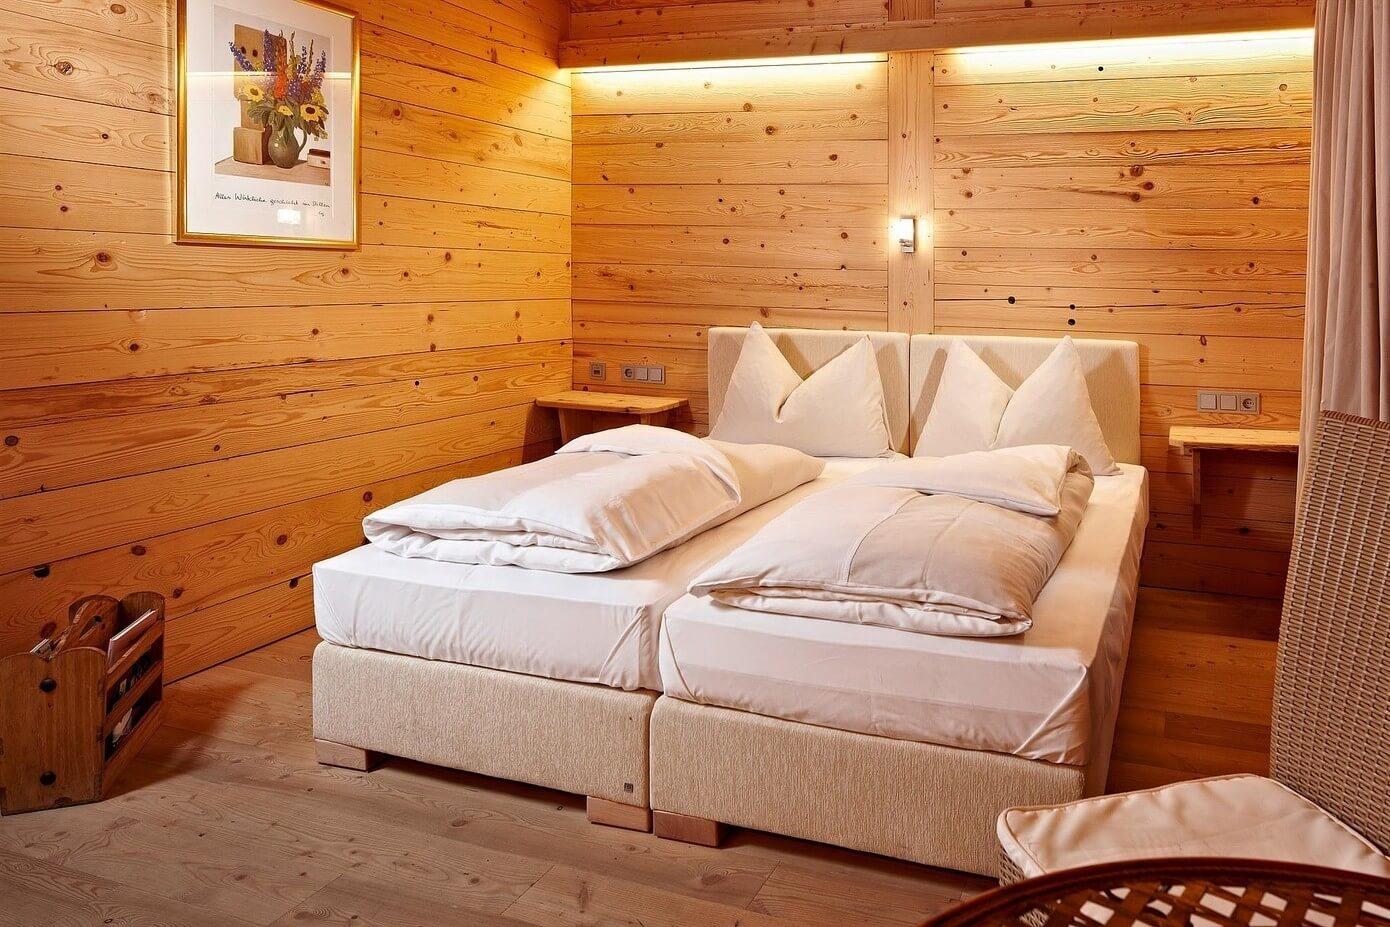 Лыжный отель Hinterhag в Зальцбурге, Австрия